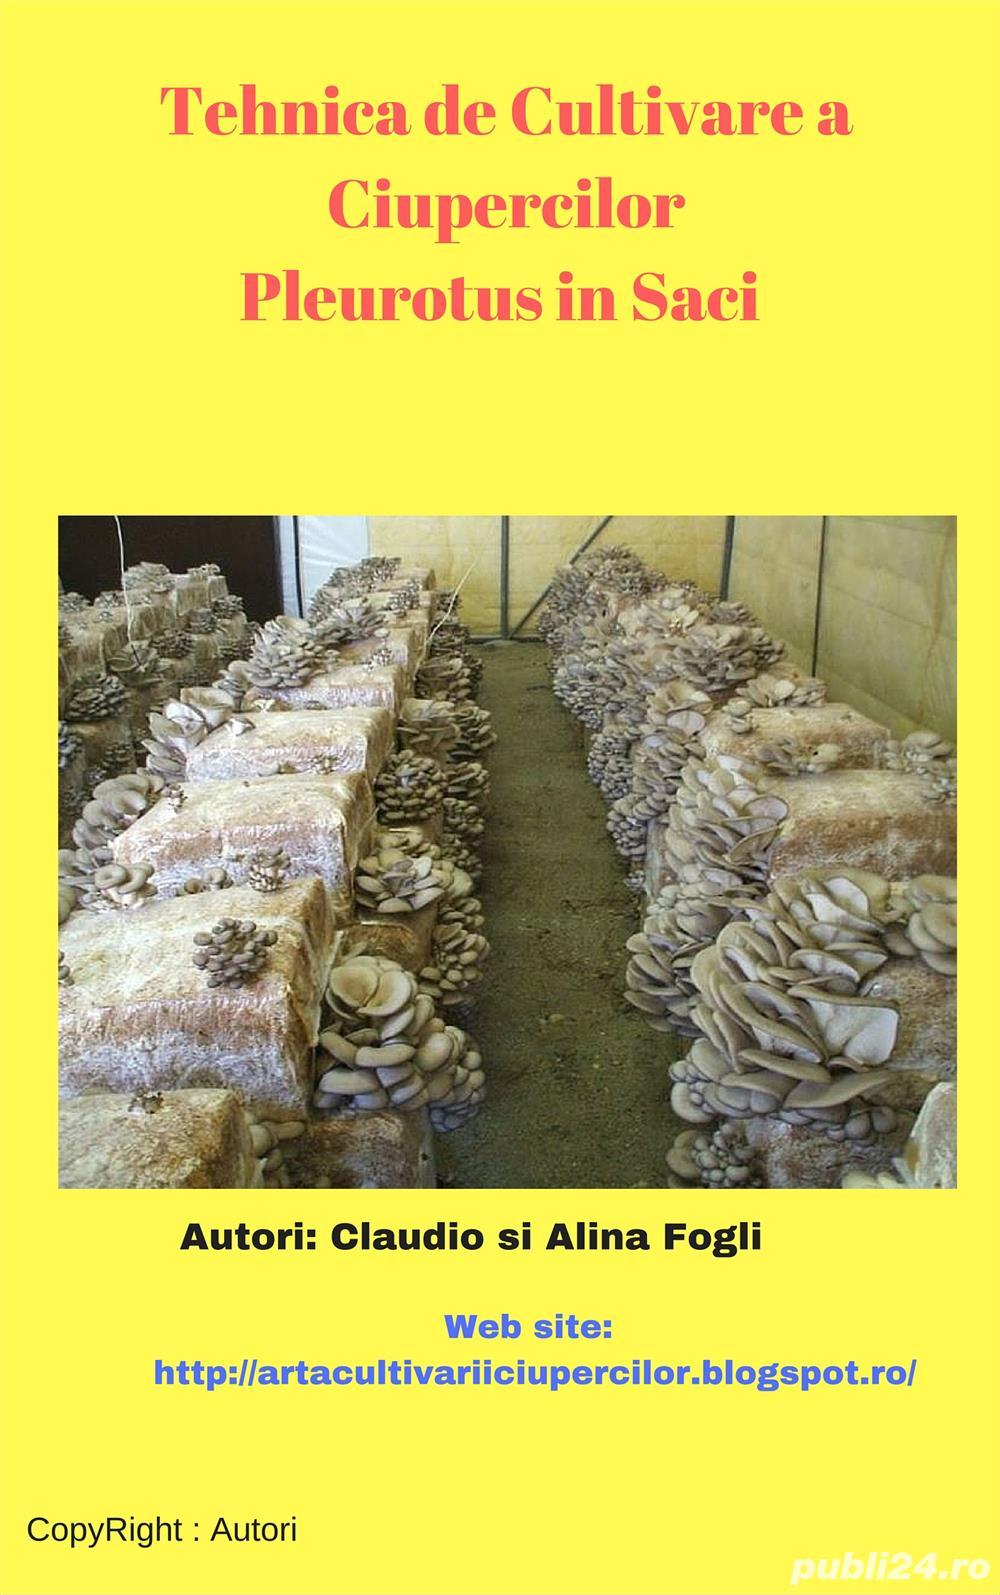 Vrei sa Cultiv Ciuperci Pleurotus dar nu stii cum se procedeaza?